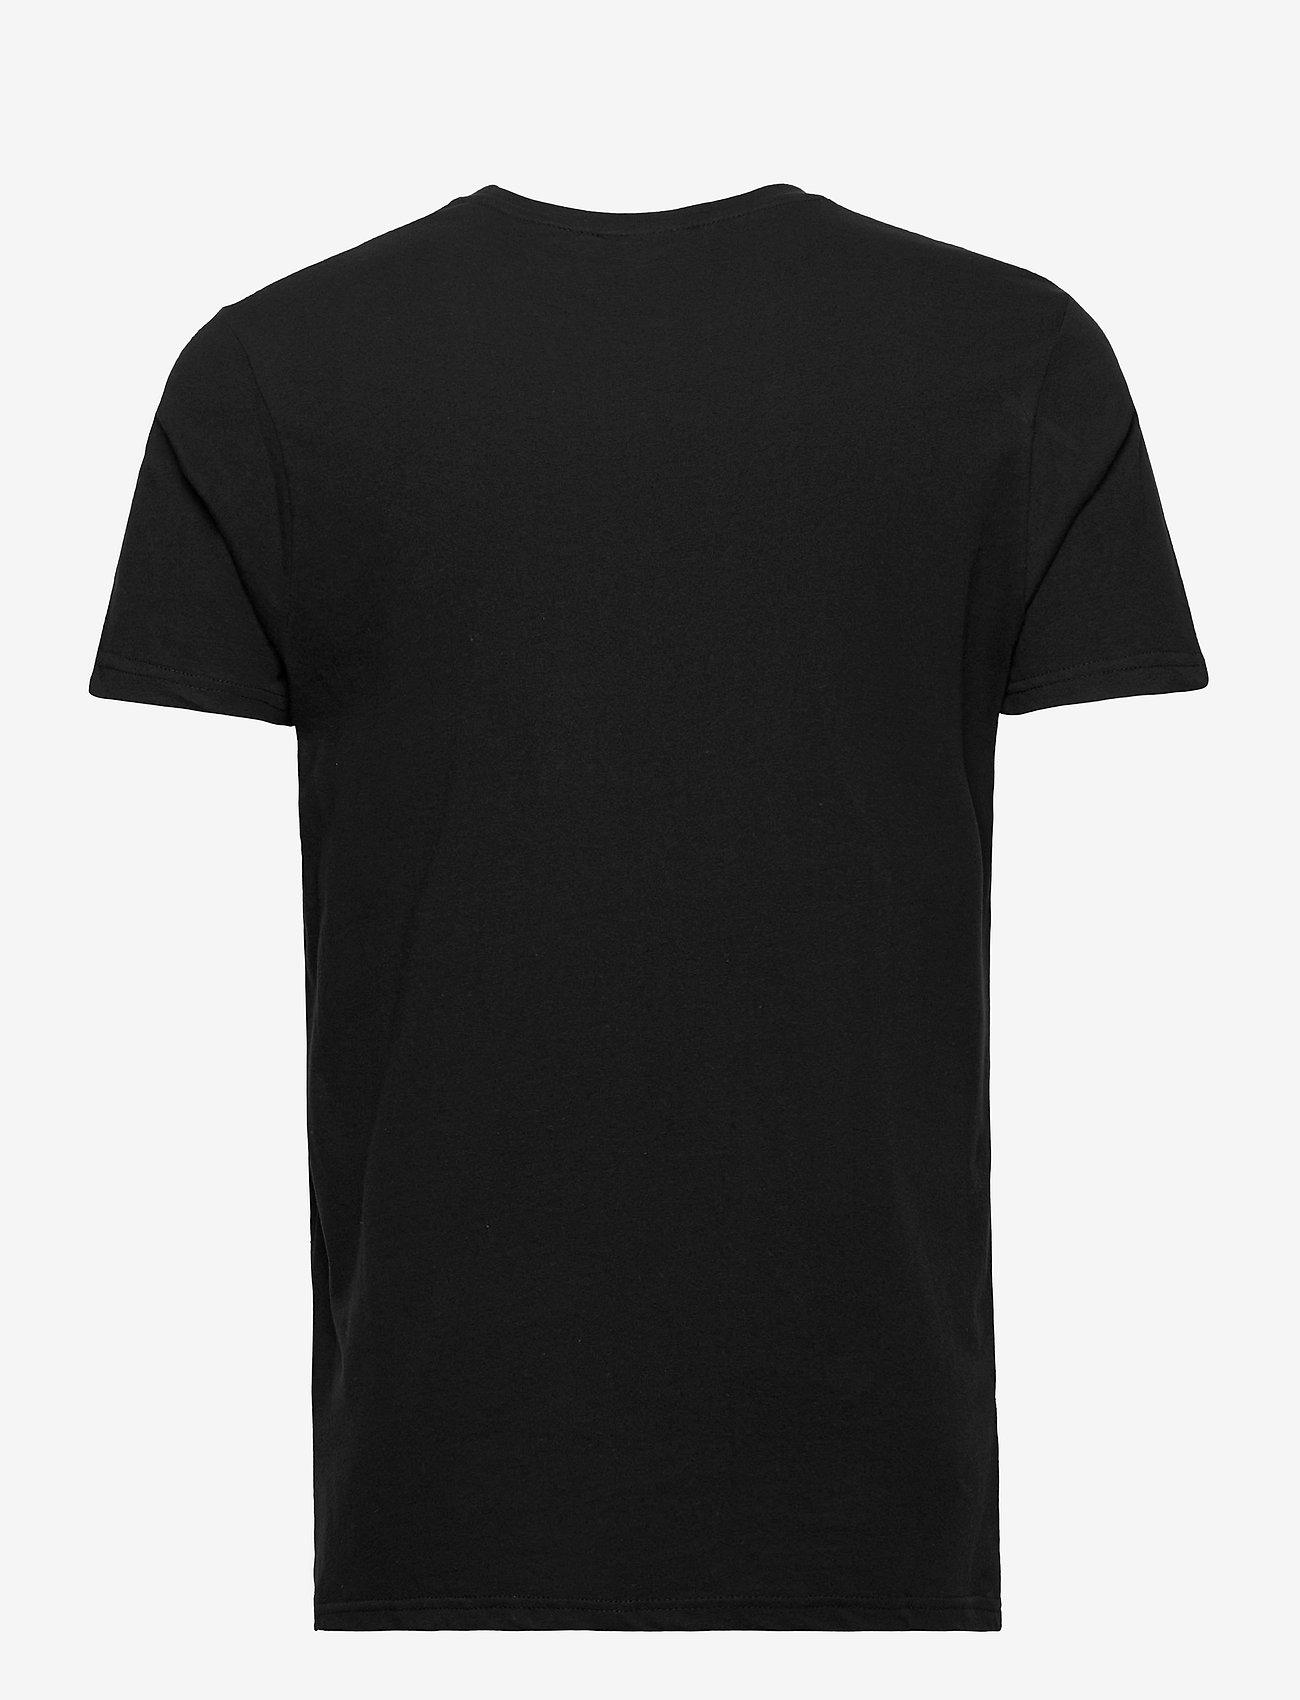 Ellesse EL PRADO (NEW LOGO) - T-skjorter BLACK - Menn Klær